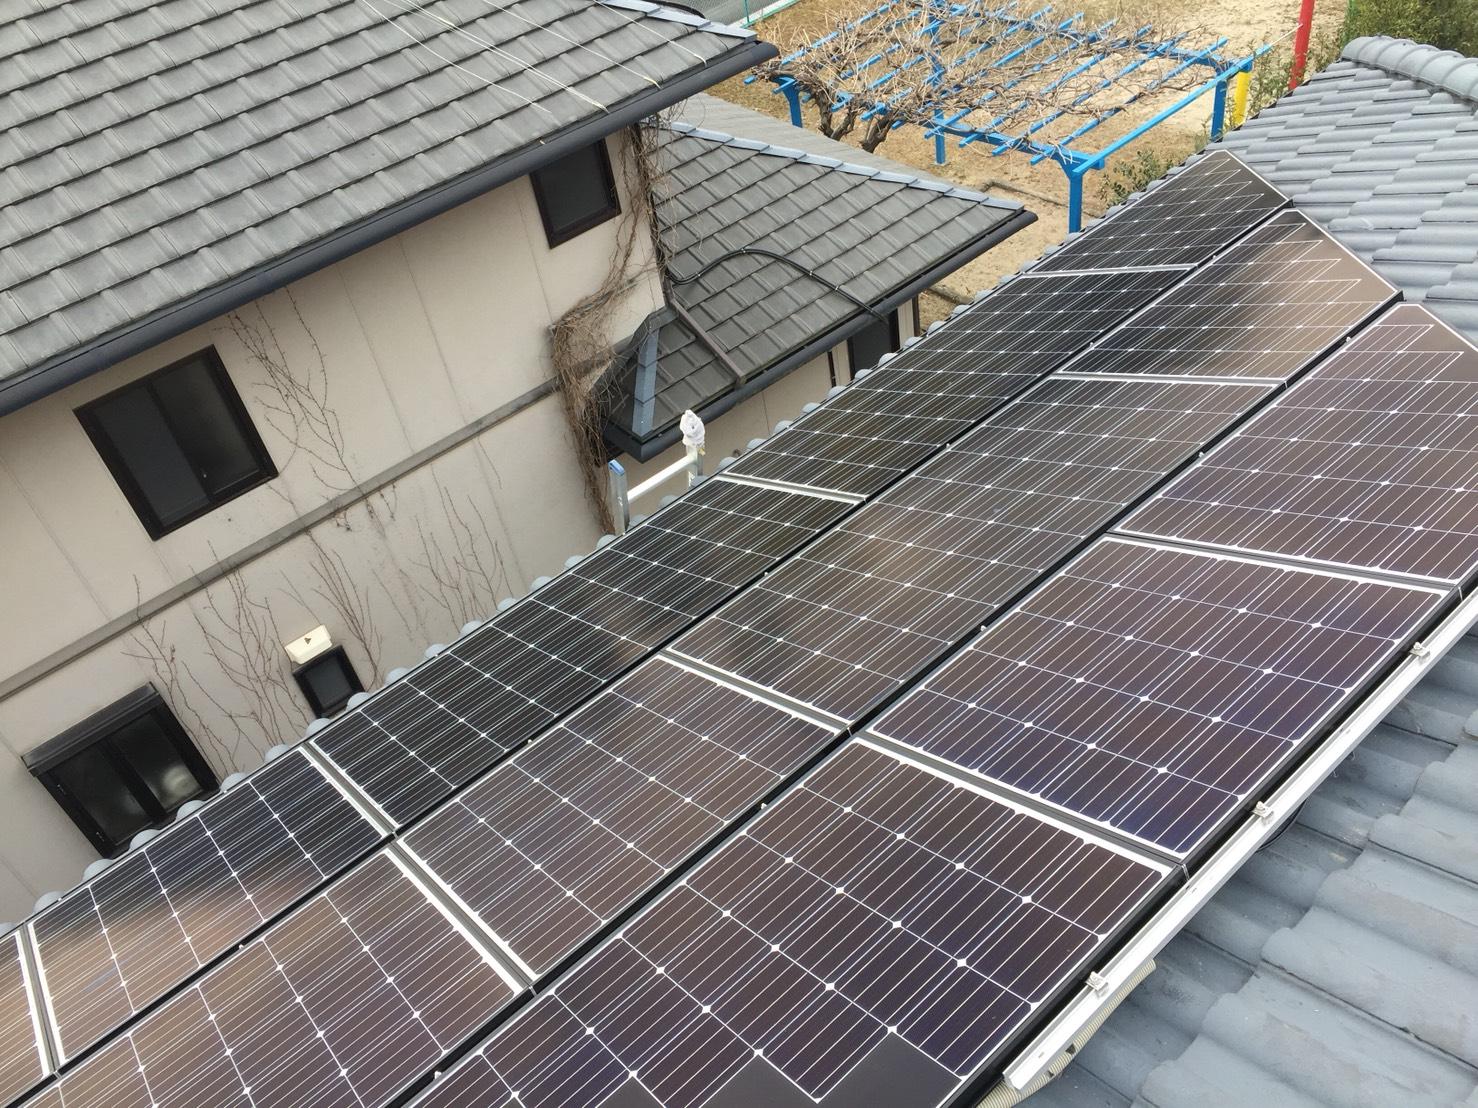 大阪府長州産業 太陽光発電CS-274B61施工後の写真